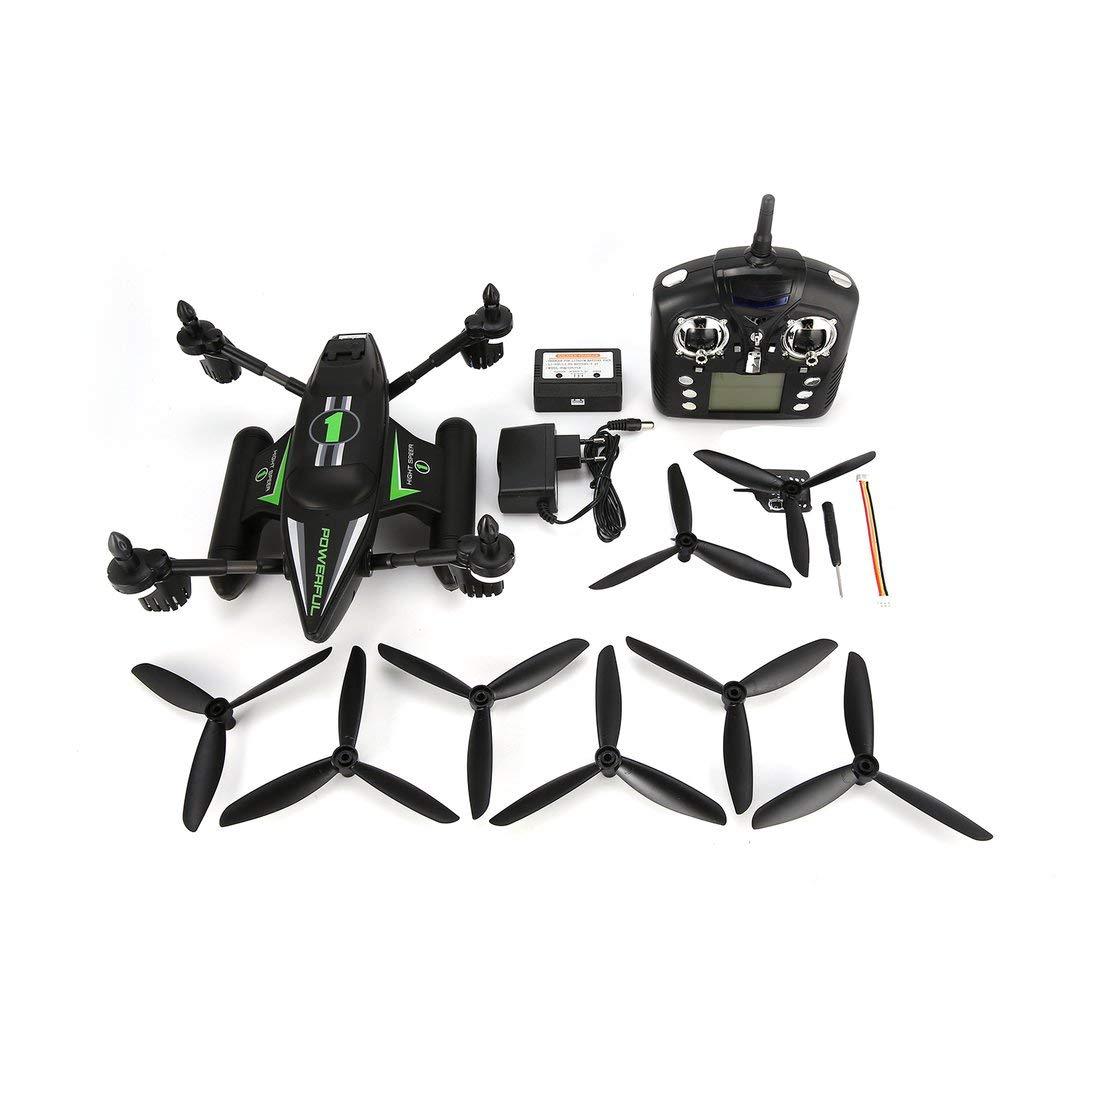 Formulaone WLtoys Q353 3 in 1 Wasserdichte RC Quadcopter 2.4G Drohne mit Air Land Sea-Modus Höhenstand Headless-Modus RTF - Grün